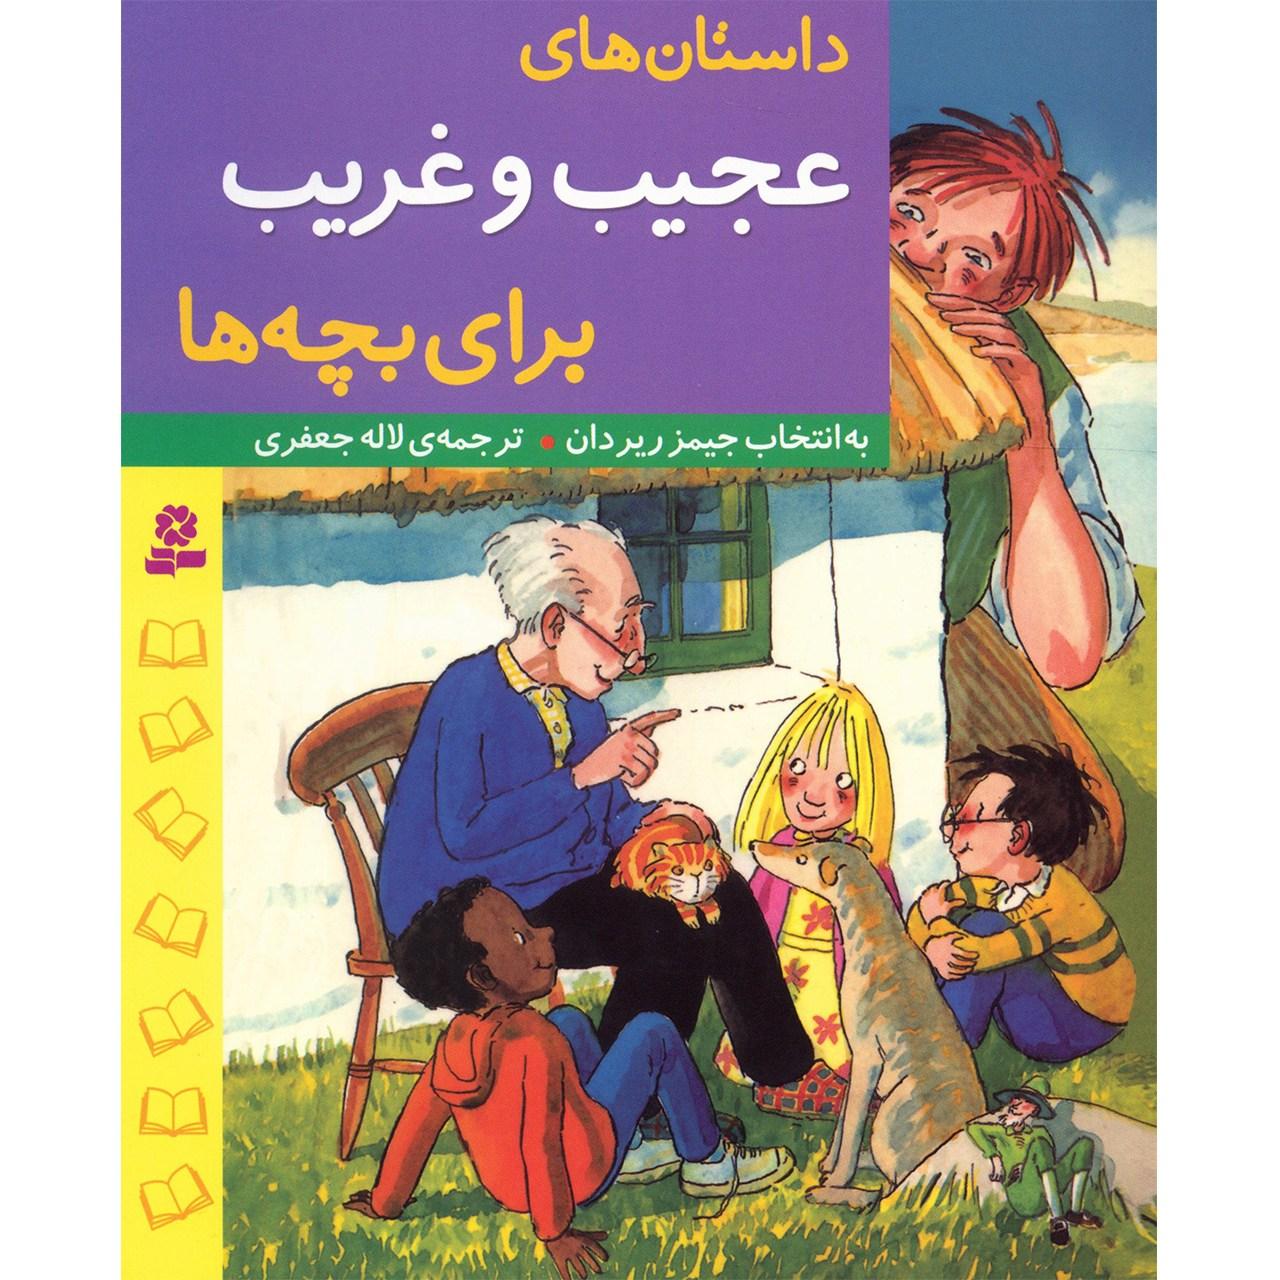 کتاب داستان های عجیب و غریب برای بچه ها اثر جیمز ریردان